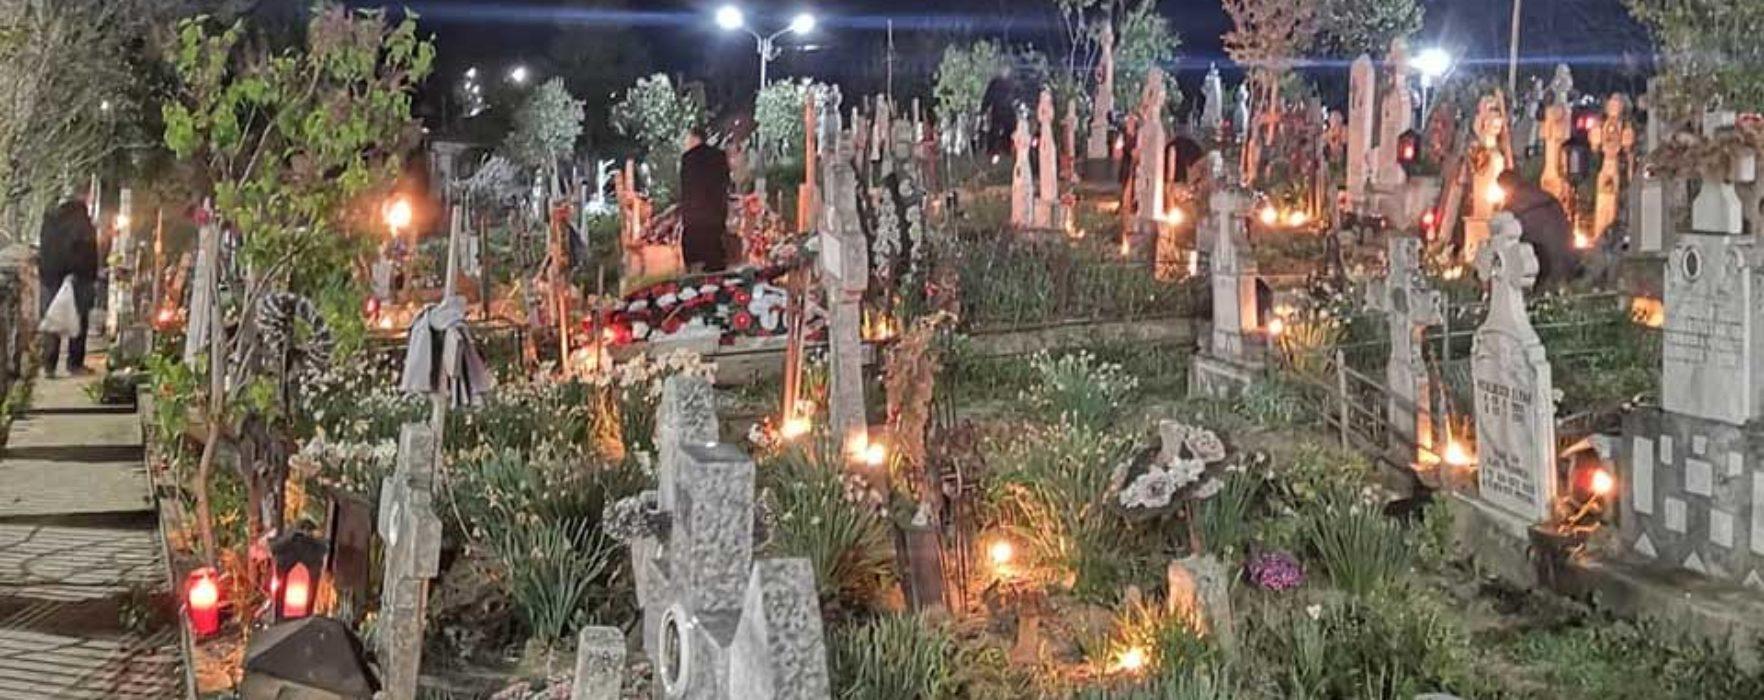 Dâmboviţa: Voluntarii Parohiei Şotânga au aprins lumânări în cimitir în noaptea de Înviere